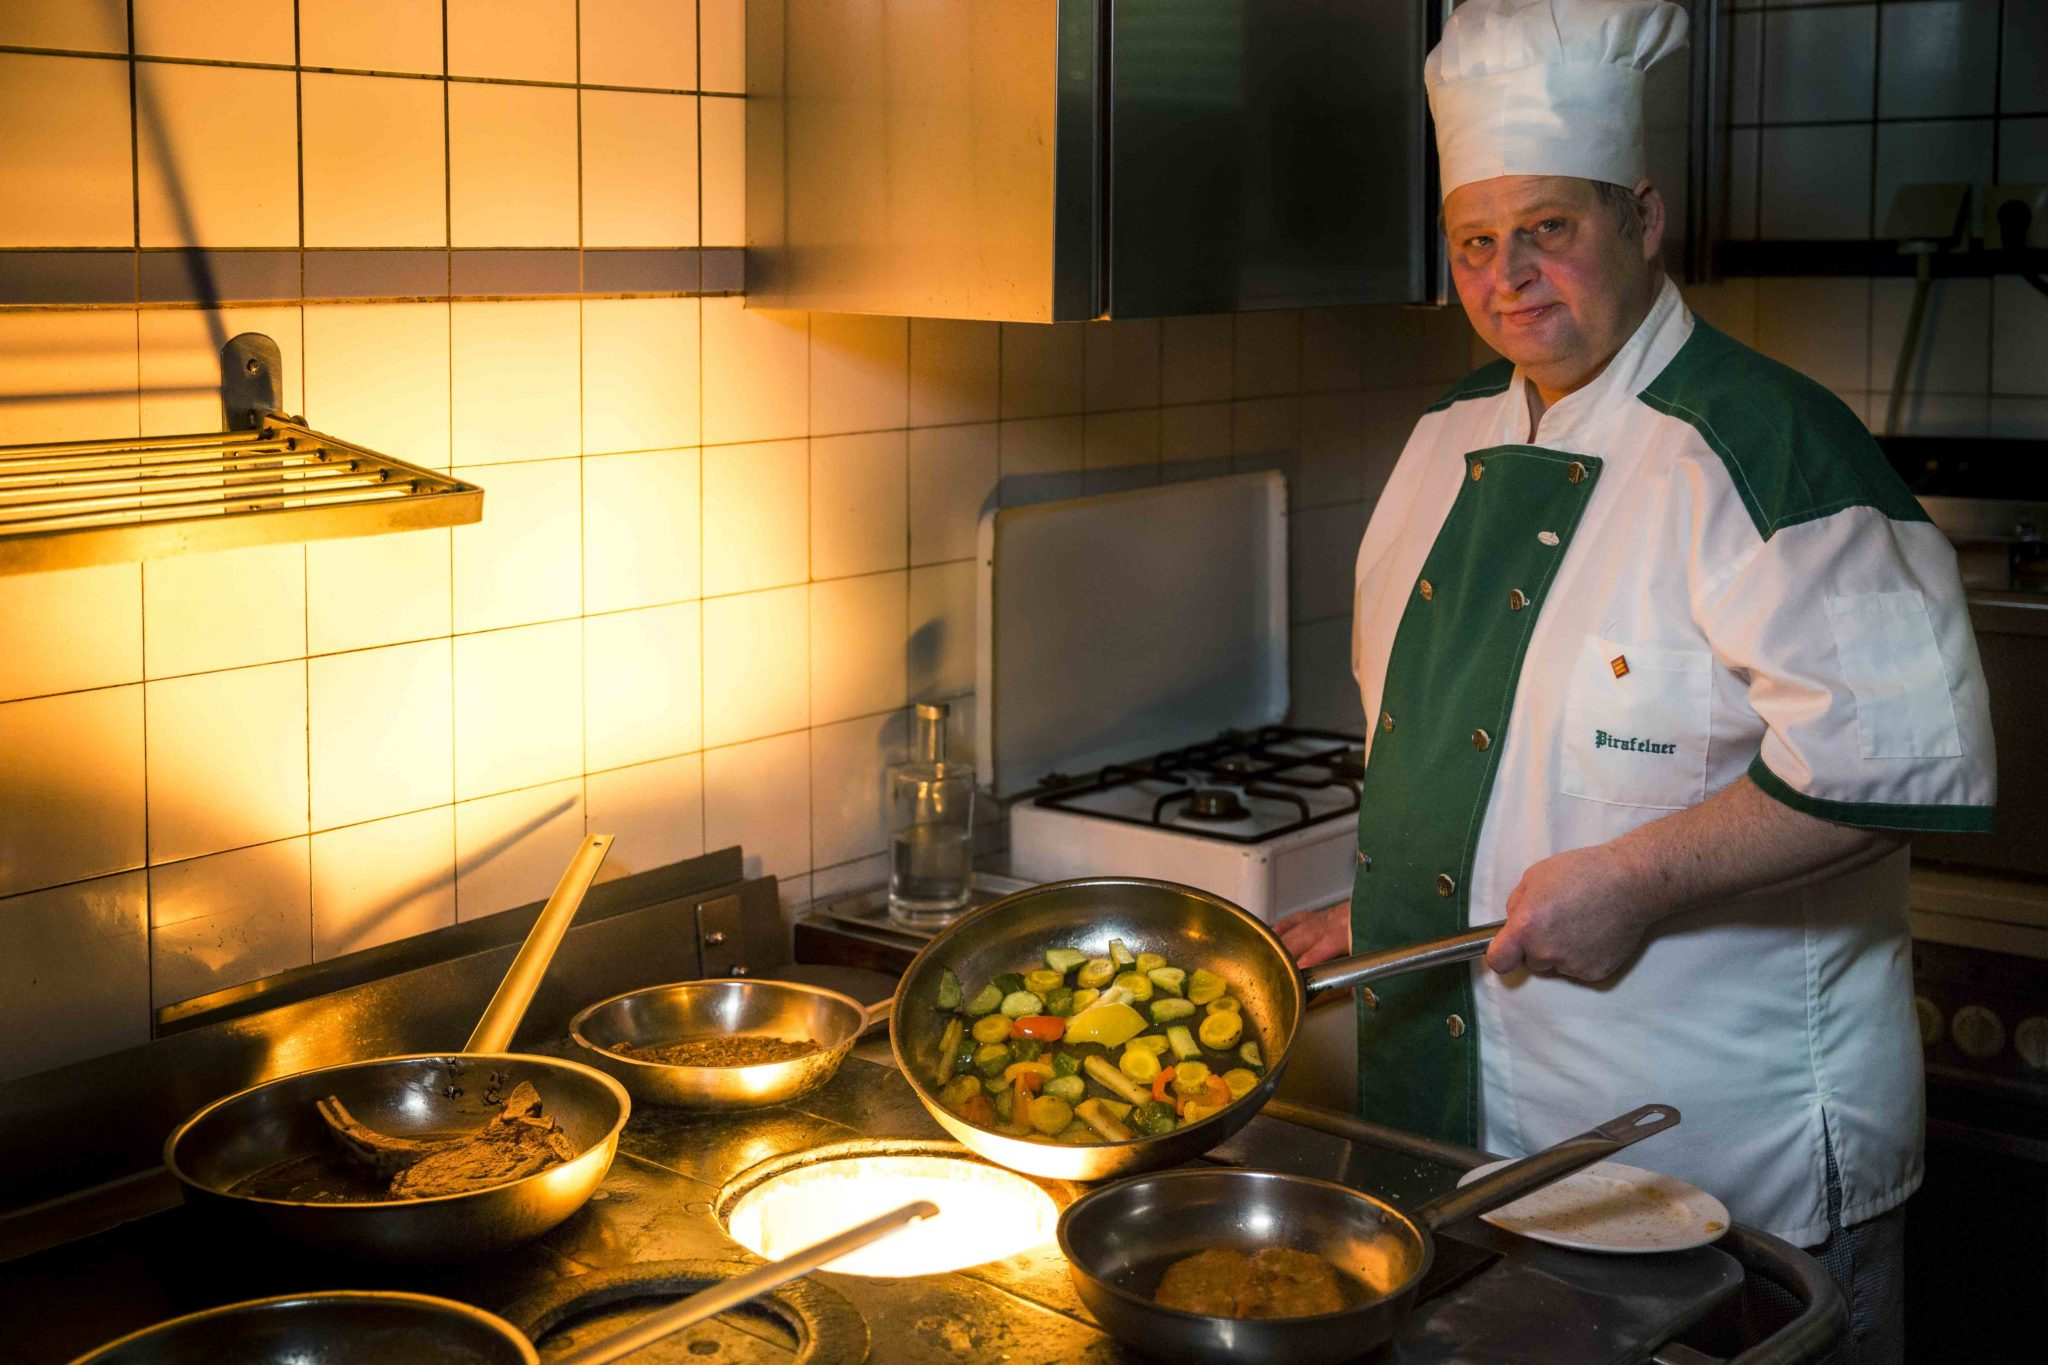 Der Küchenchef verarbeitet die regionalen Produkte zu köstlichen Speisen.